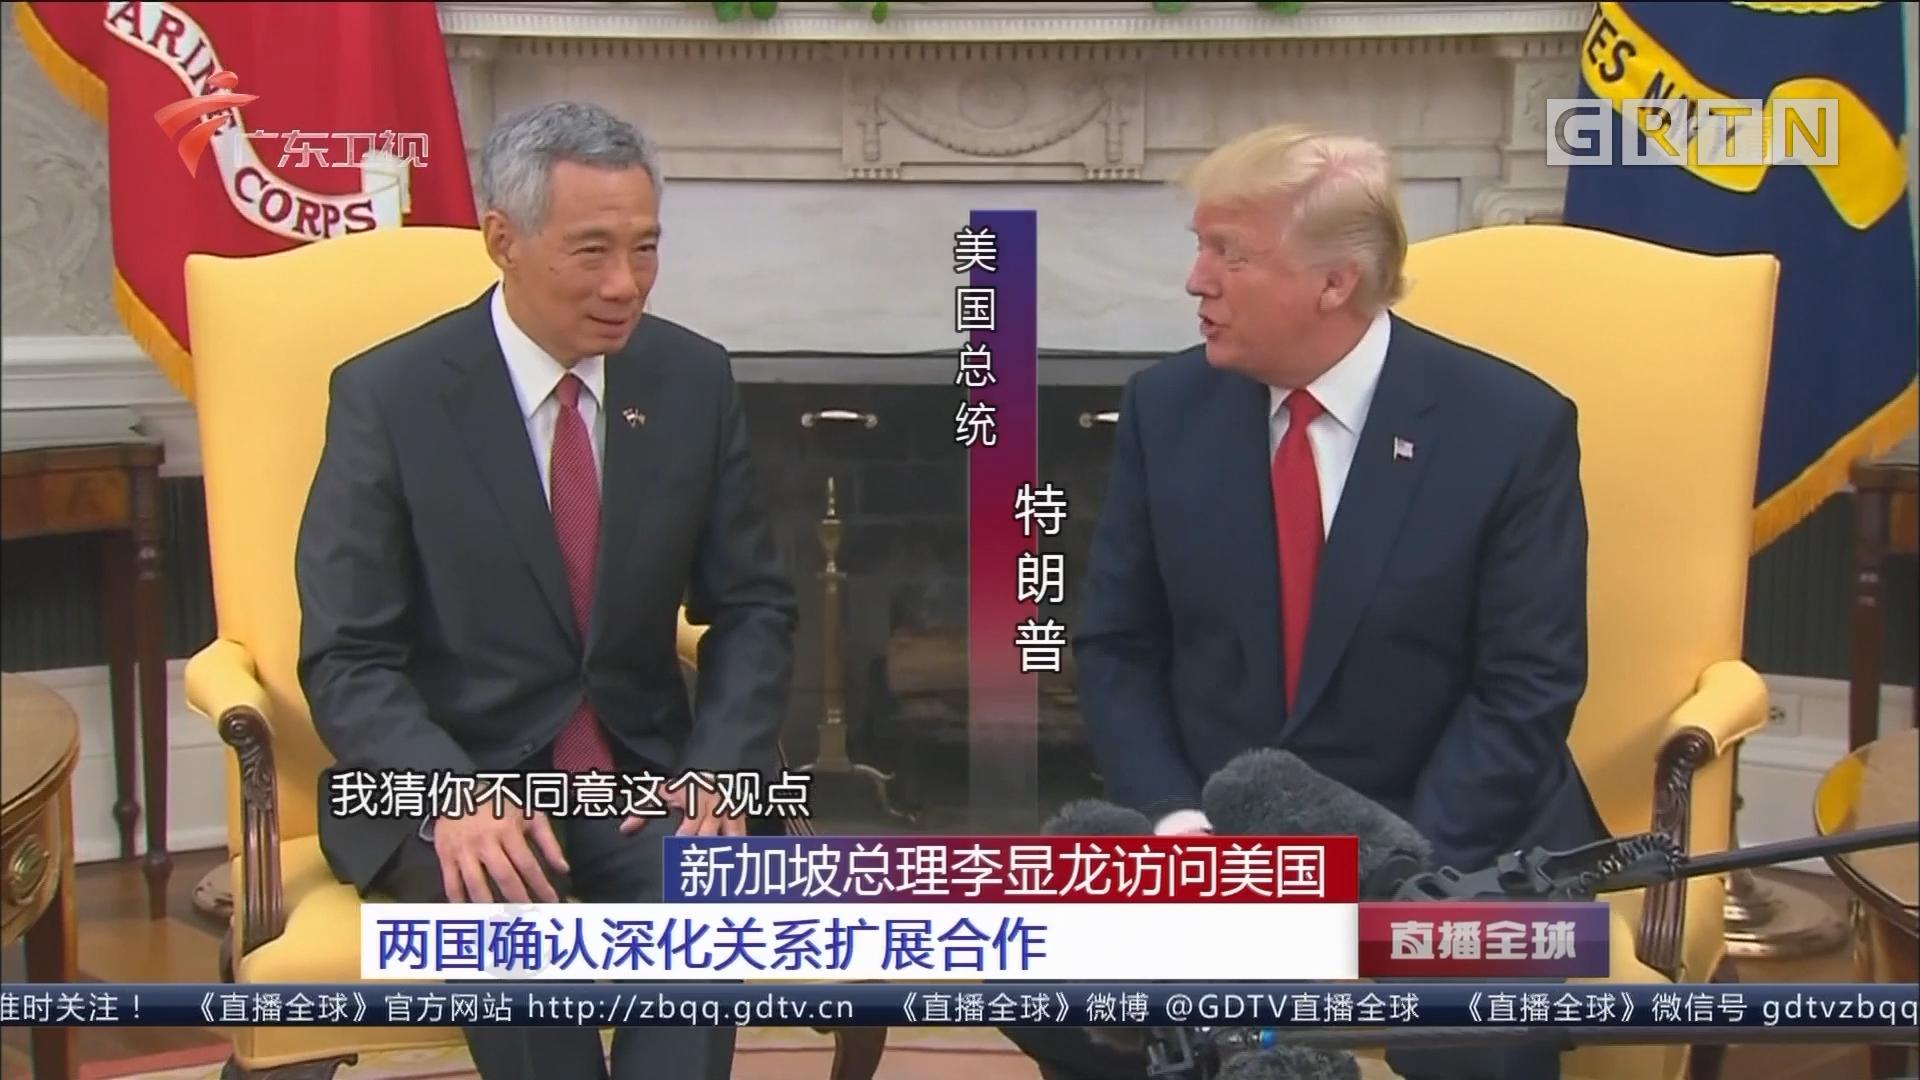 新加坡总理李显龙访问美国 两国确认深化关系扩展合作